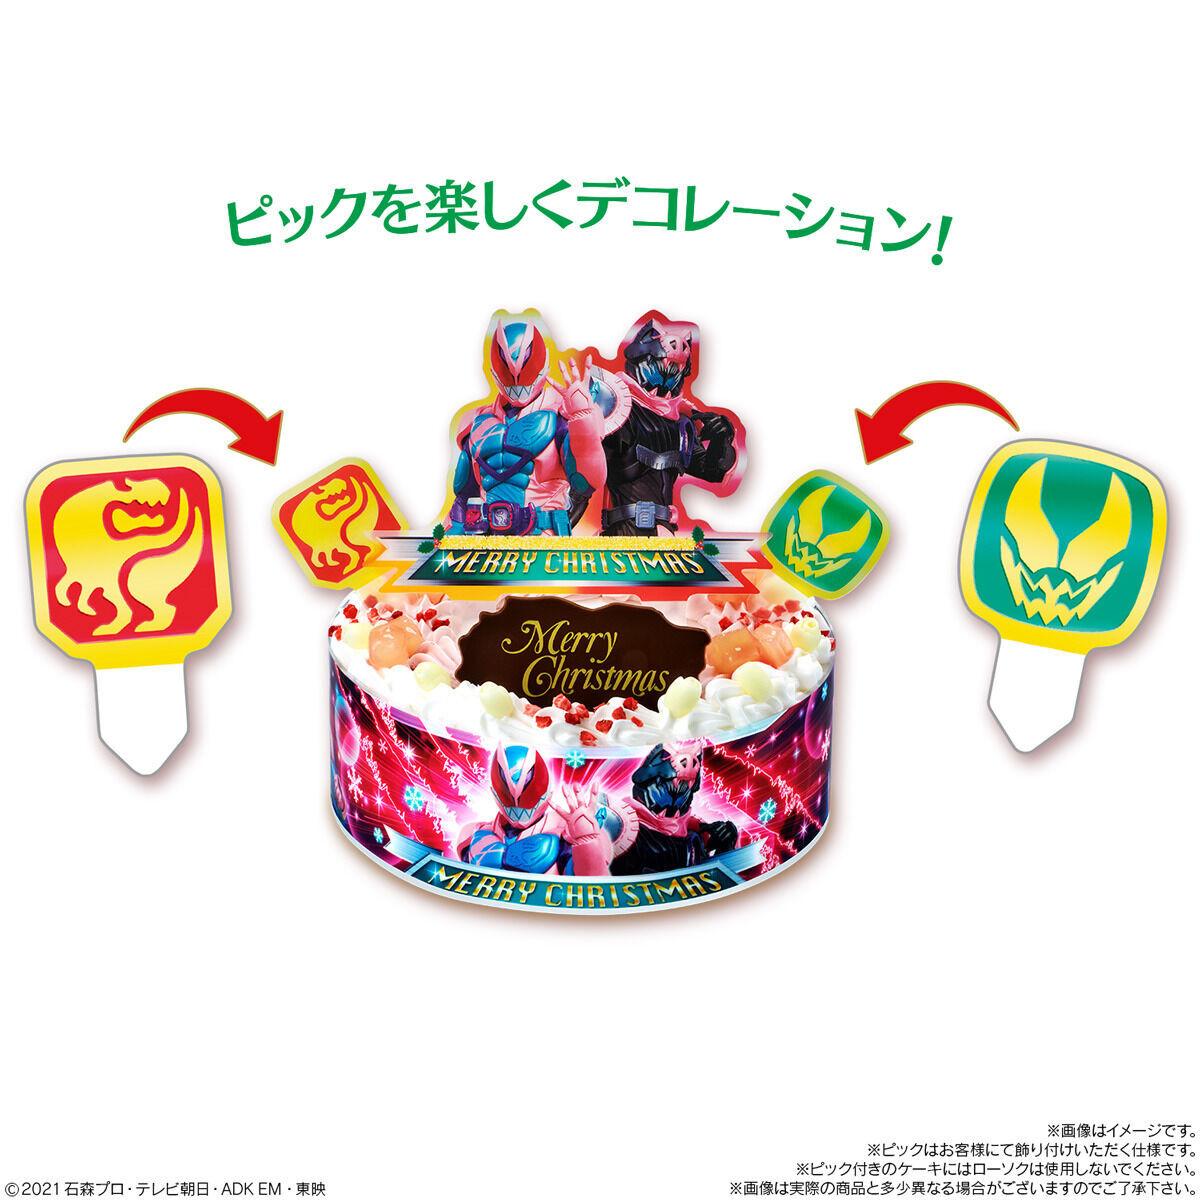 【早期予約キャンペーン】キャラデコクリスマス 仮面ライダーリバイス(5号サイズ)_3